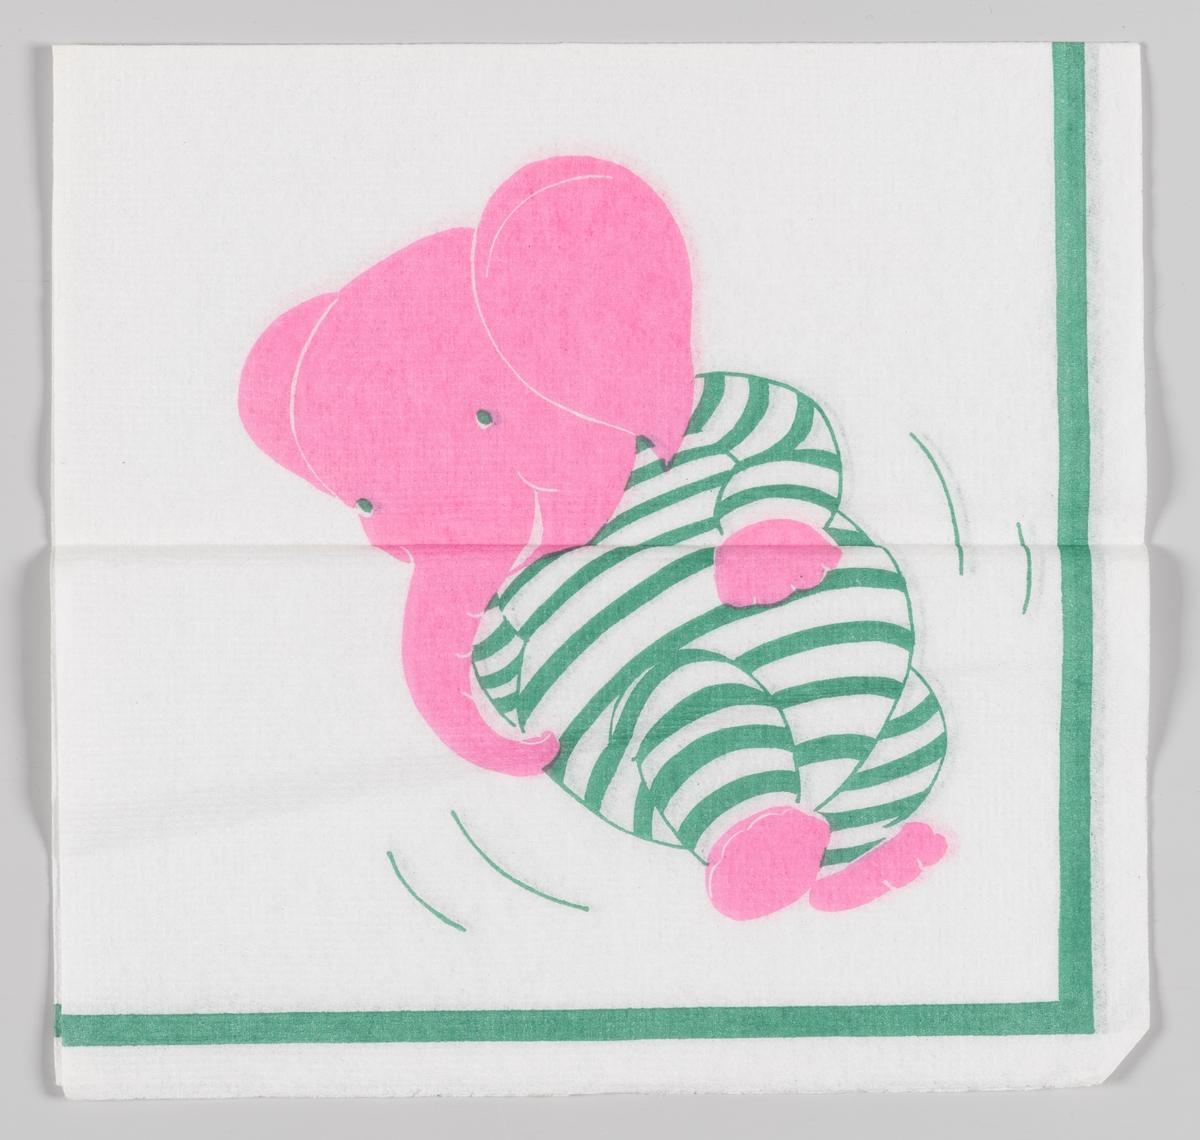 En rosa elefant i en hvit og grønnstripet drakt.